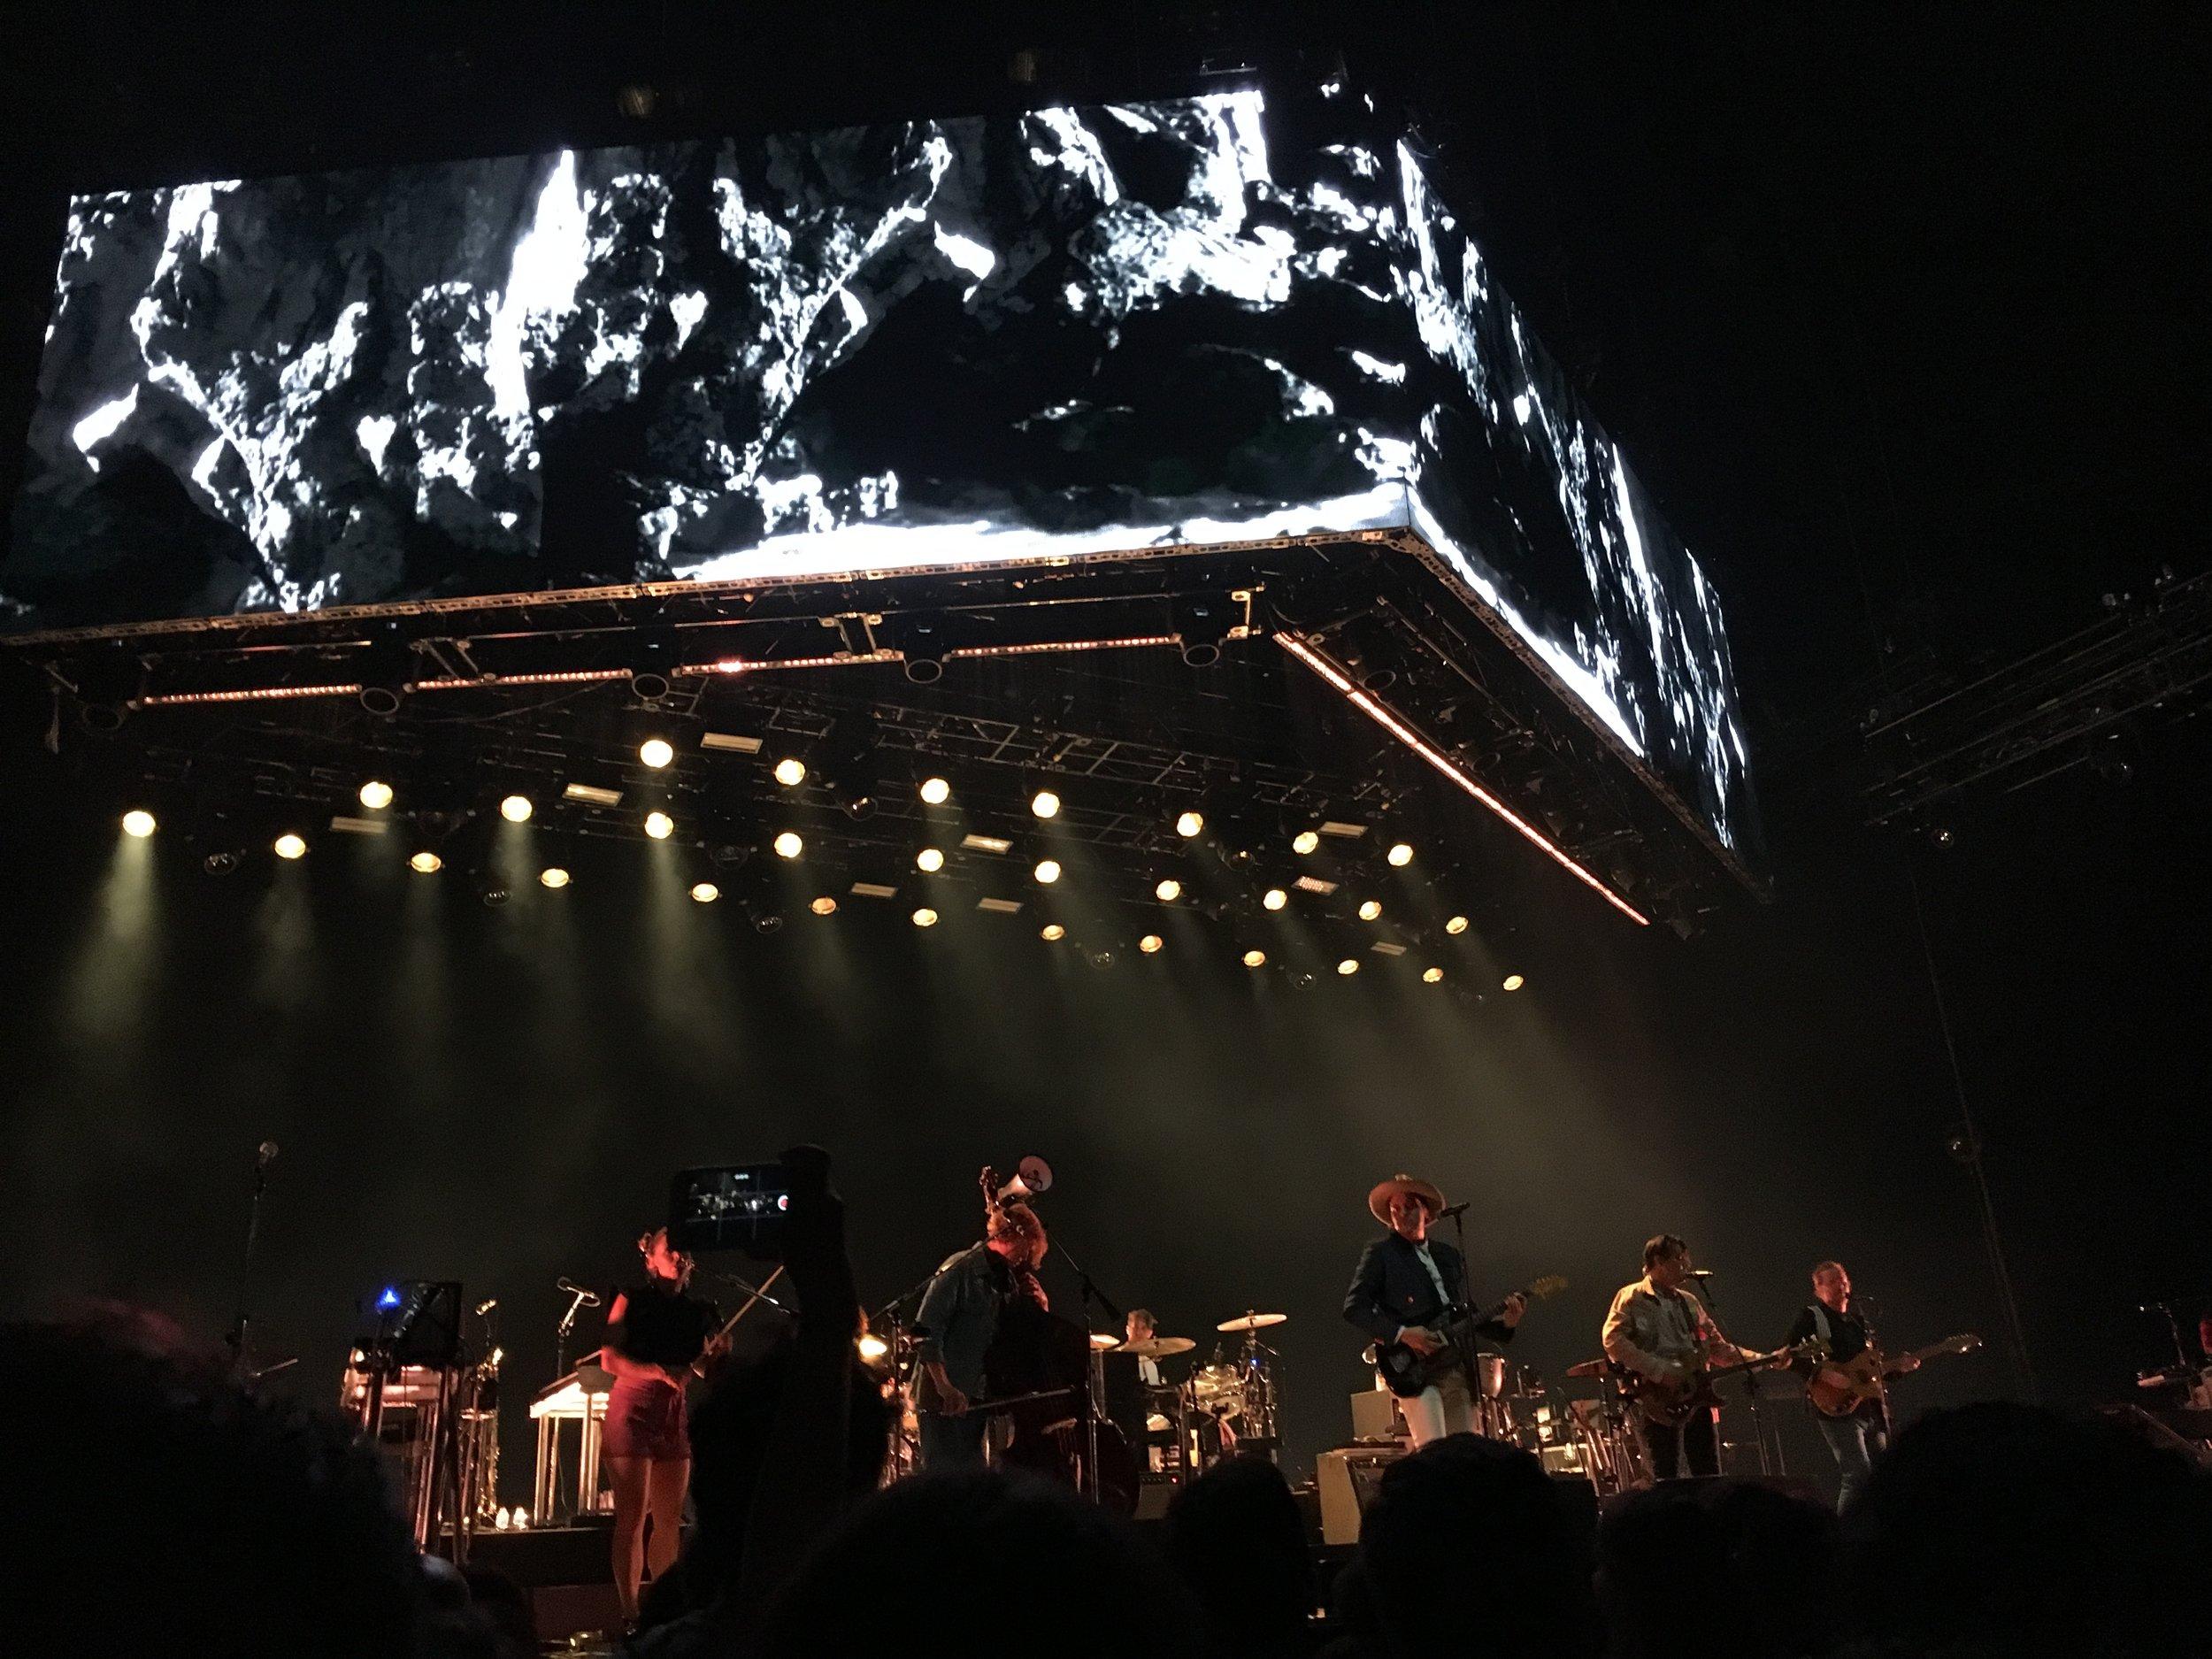 Kanadalainen indiejättiläinen Arcade Fire soitti Budapestissa Papp László -areenalla